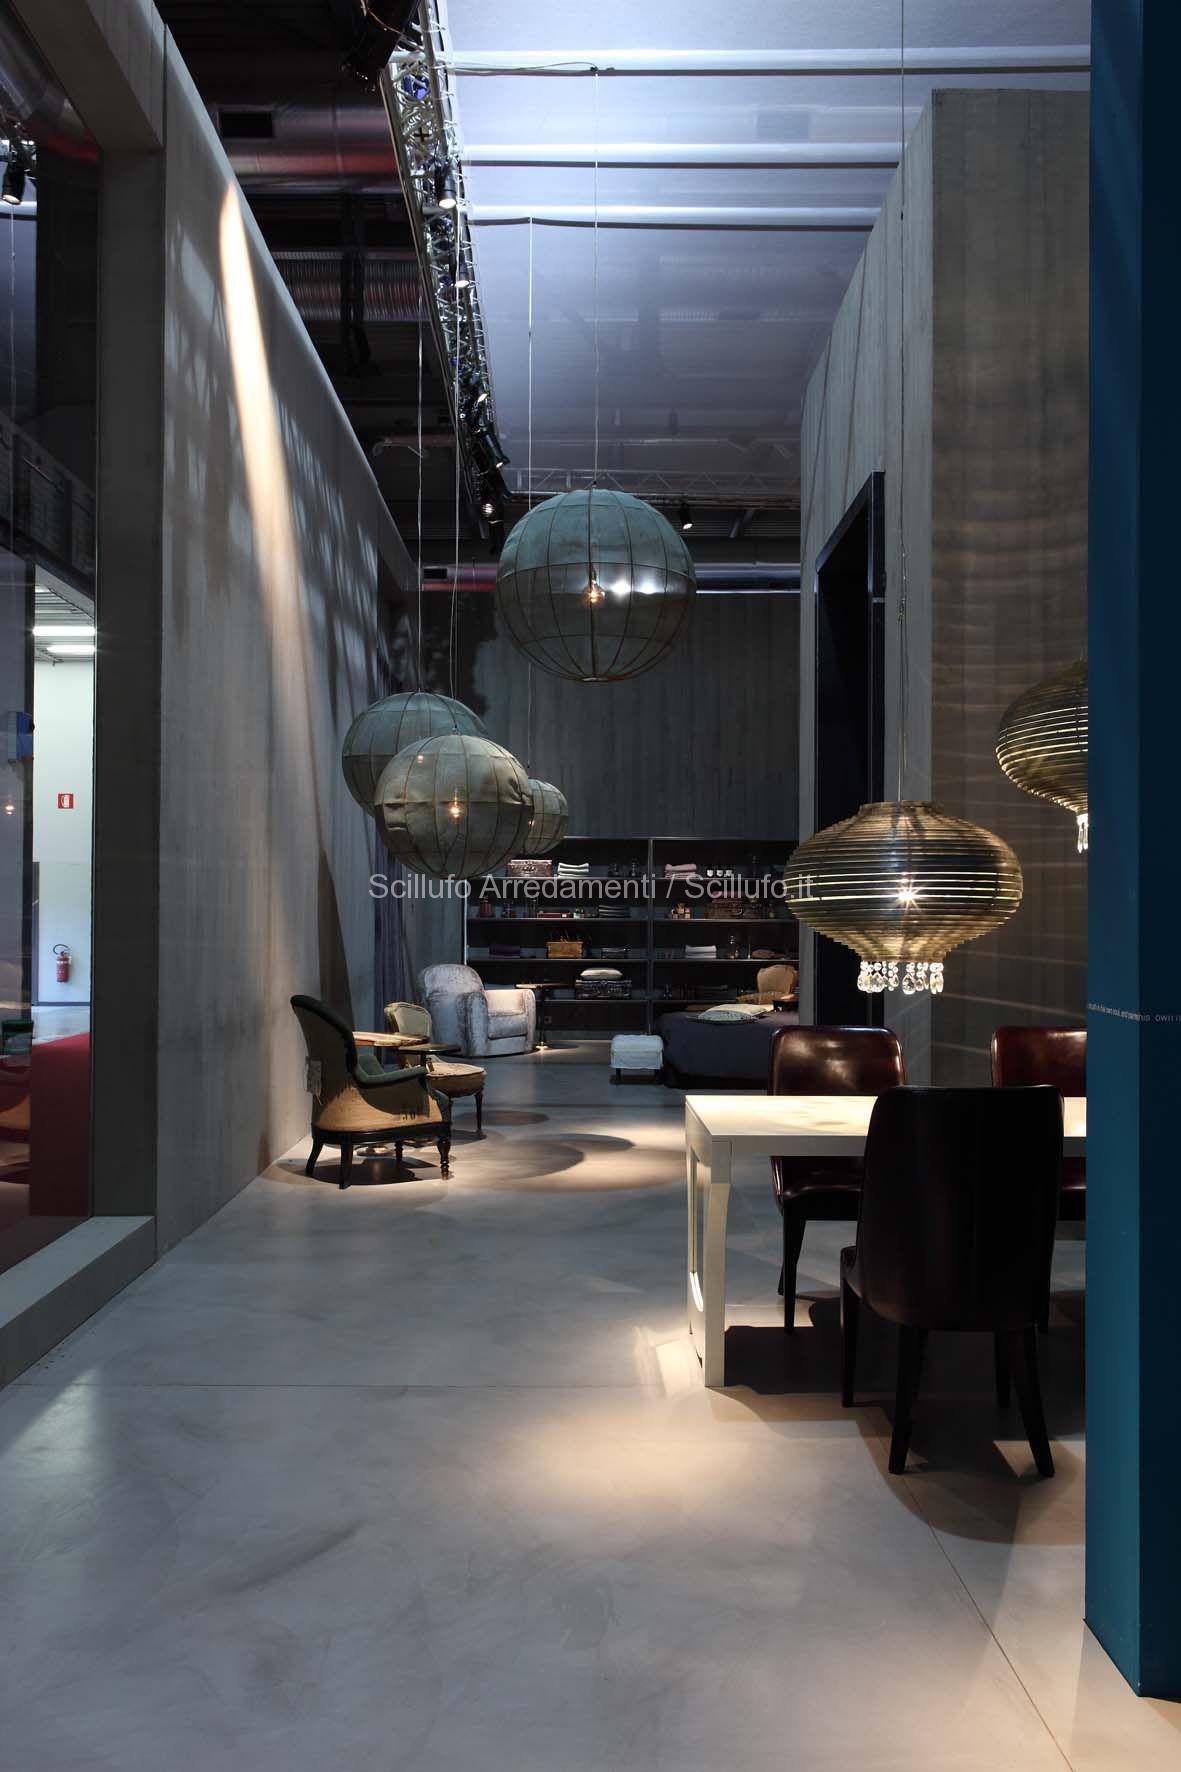 Baxter salone 2012 milano blu paola navone for Salone del mobile palermo